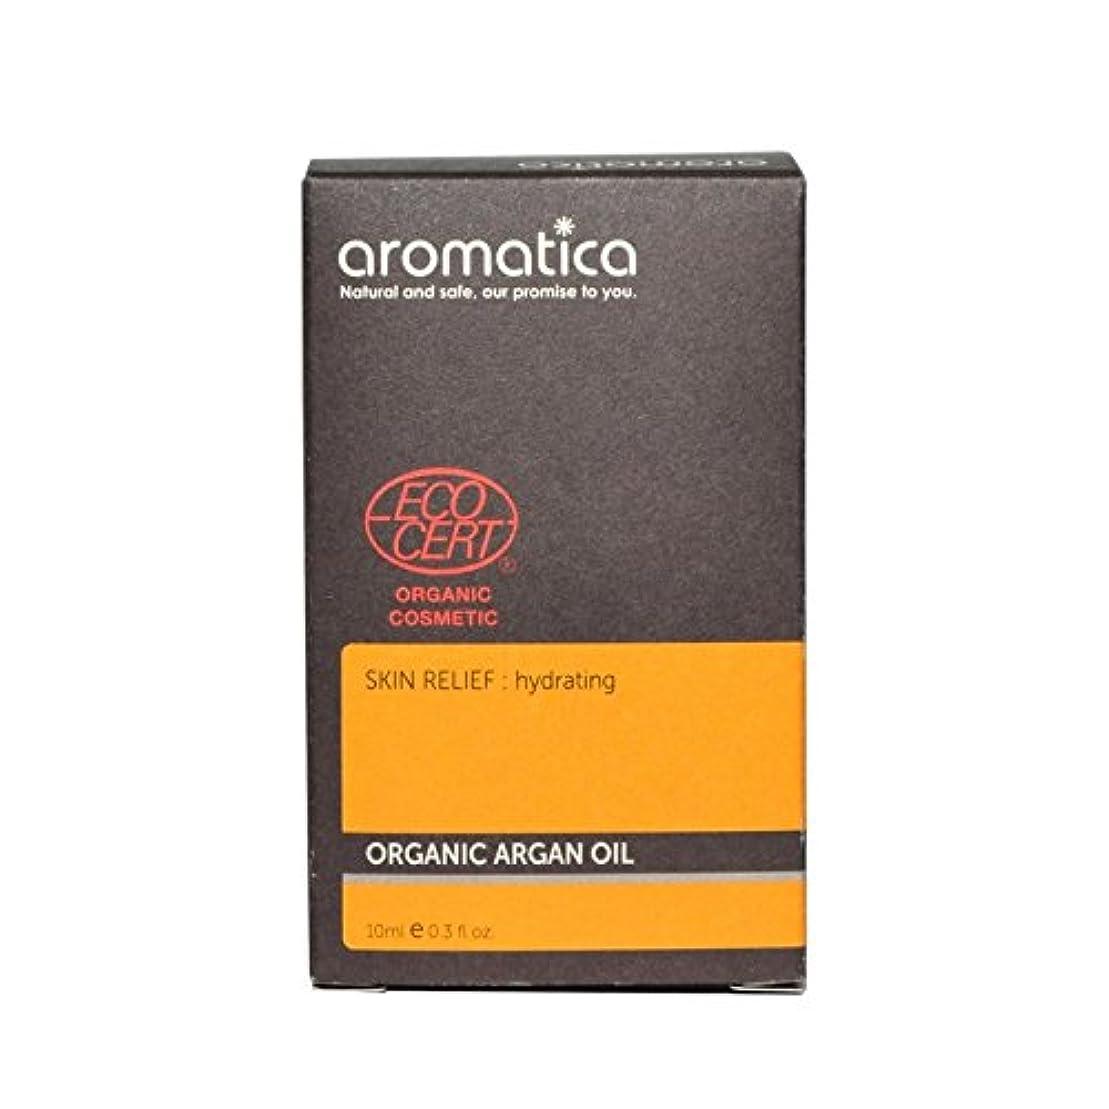 ドリンクぎこちない抑制オーガニックアルガンオイル10ミリリットル x4 - aromatica Organic Argan Oil 10ml (Pack of 4) [並行輸入品]